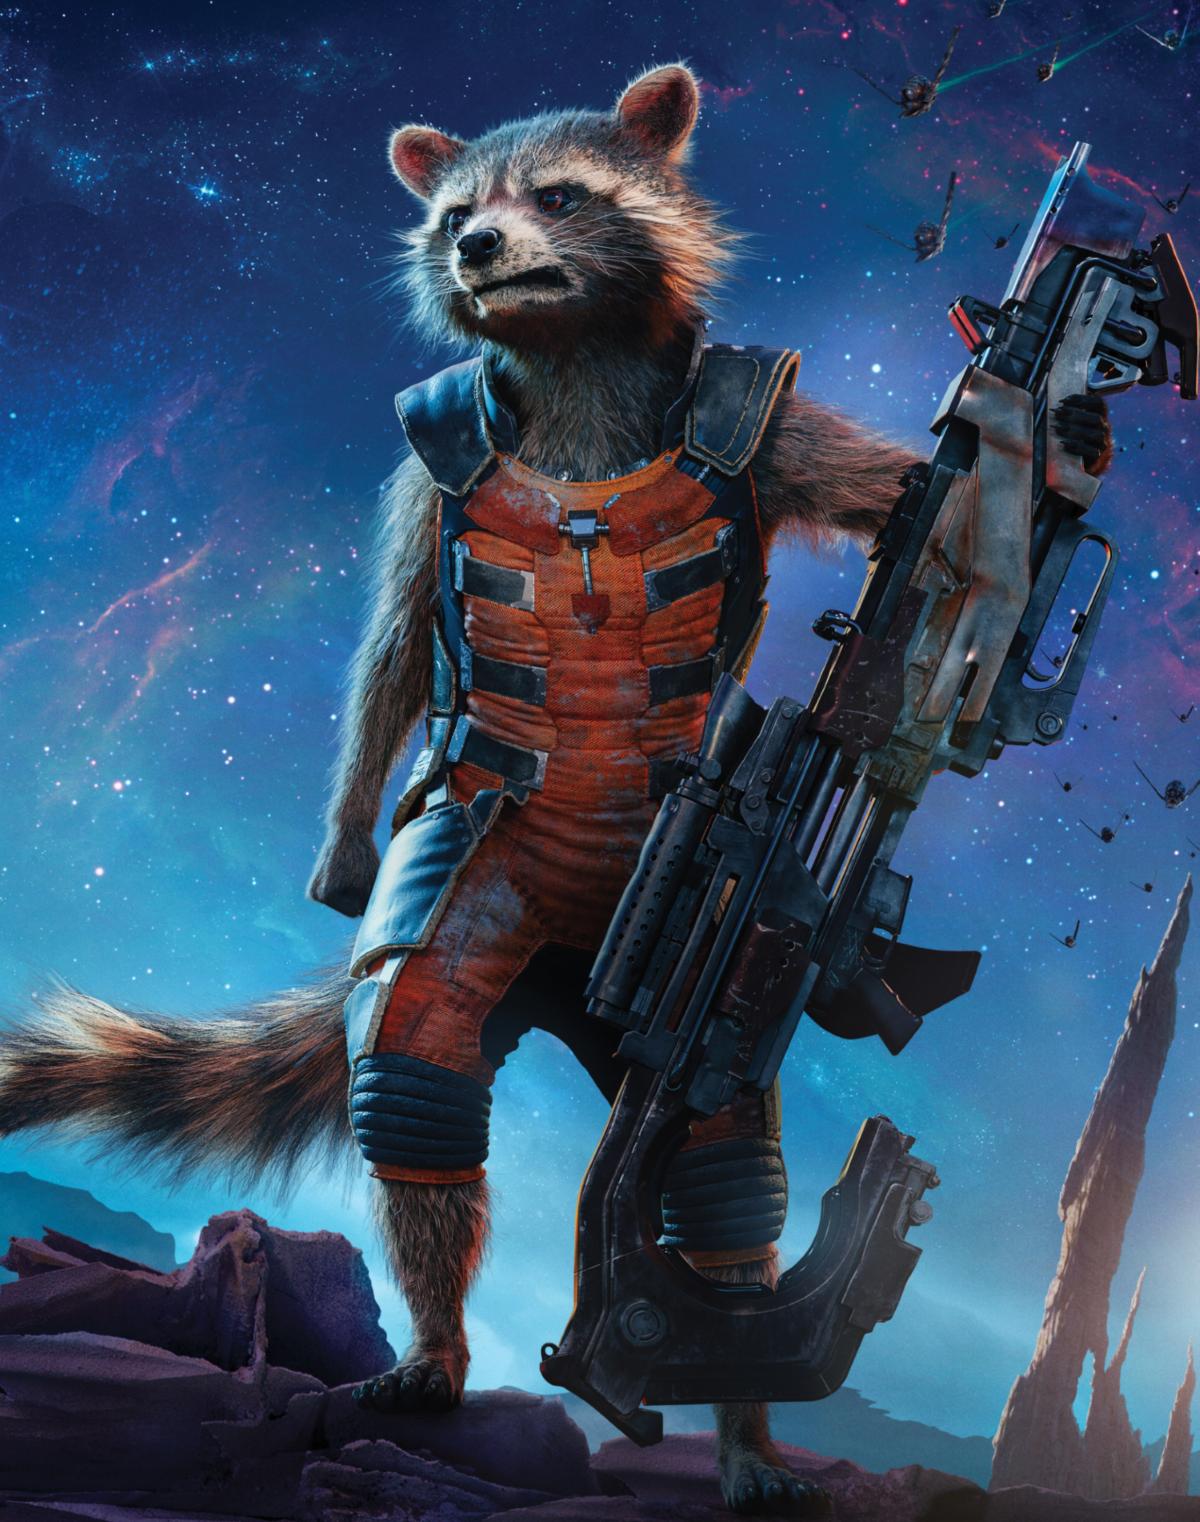 #39 – Rocket Raccoon